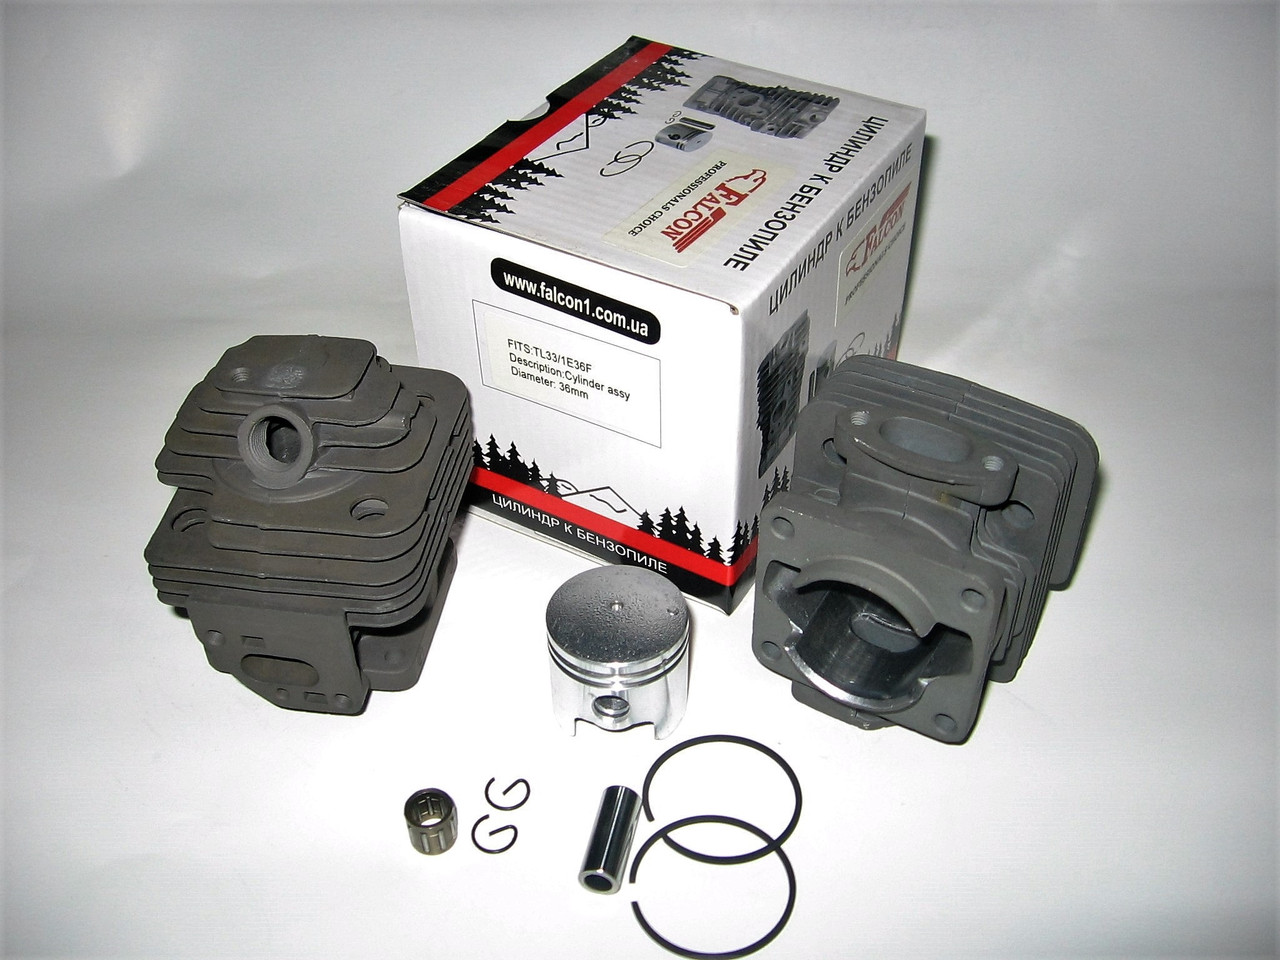 Цилиндр с поршнем для китайской мотокосы NTCG 2600 + подшипник, покрытие хром (d=34 мм)